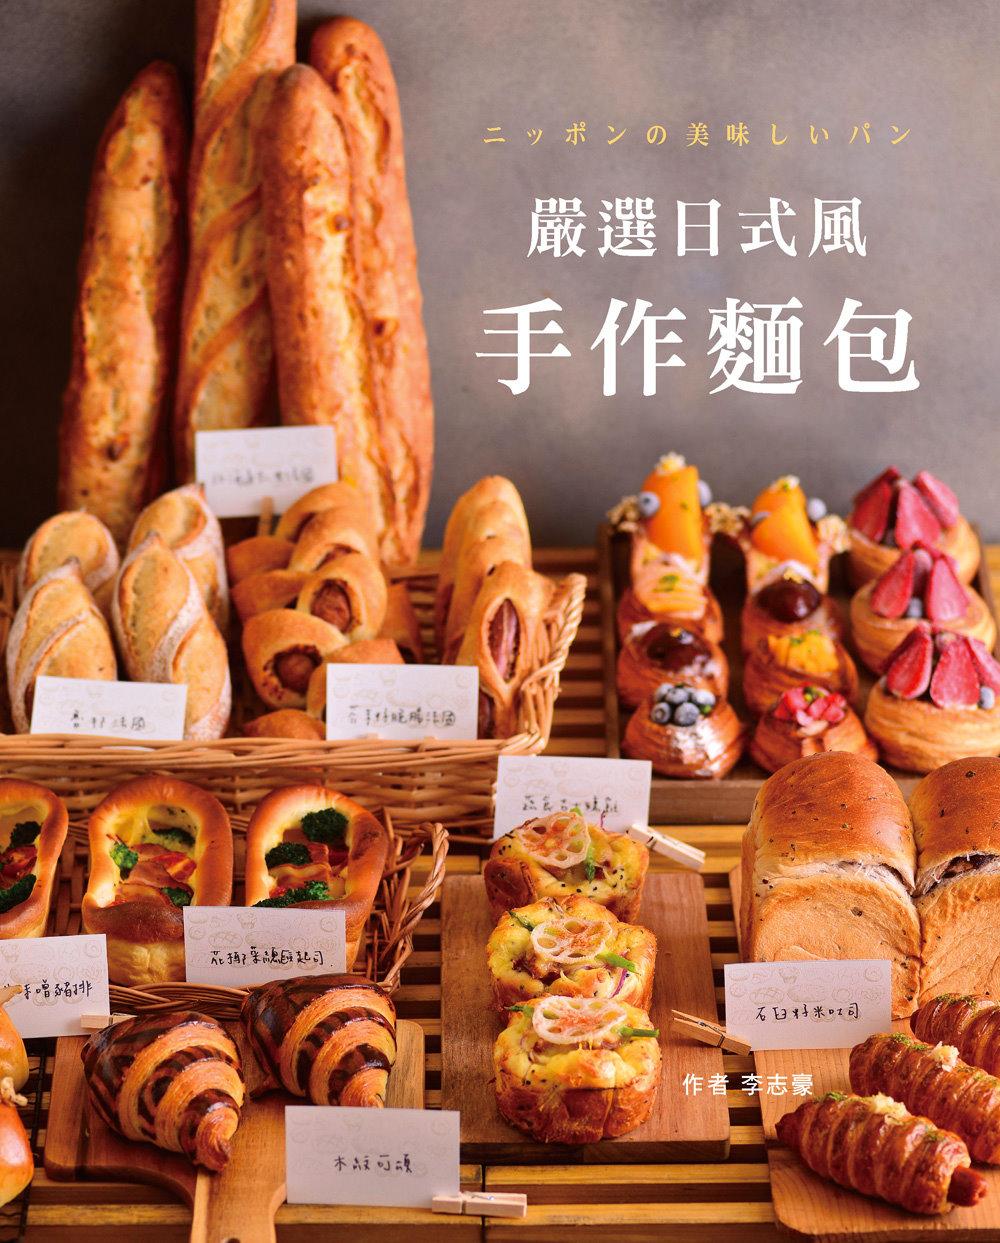 嚴選日式風手作麵包